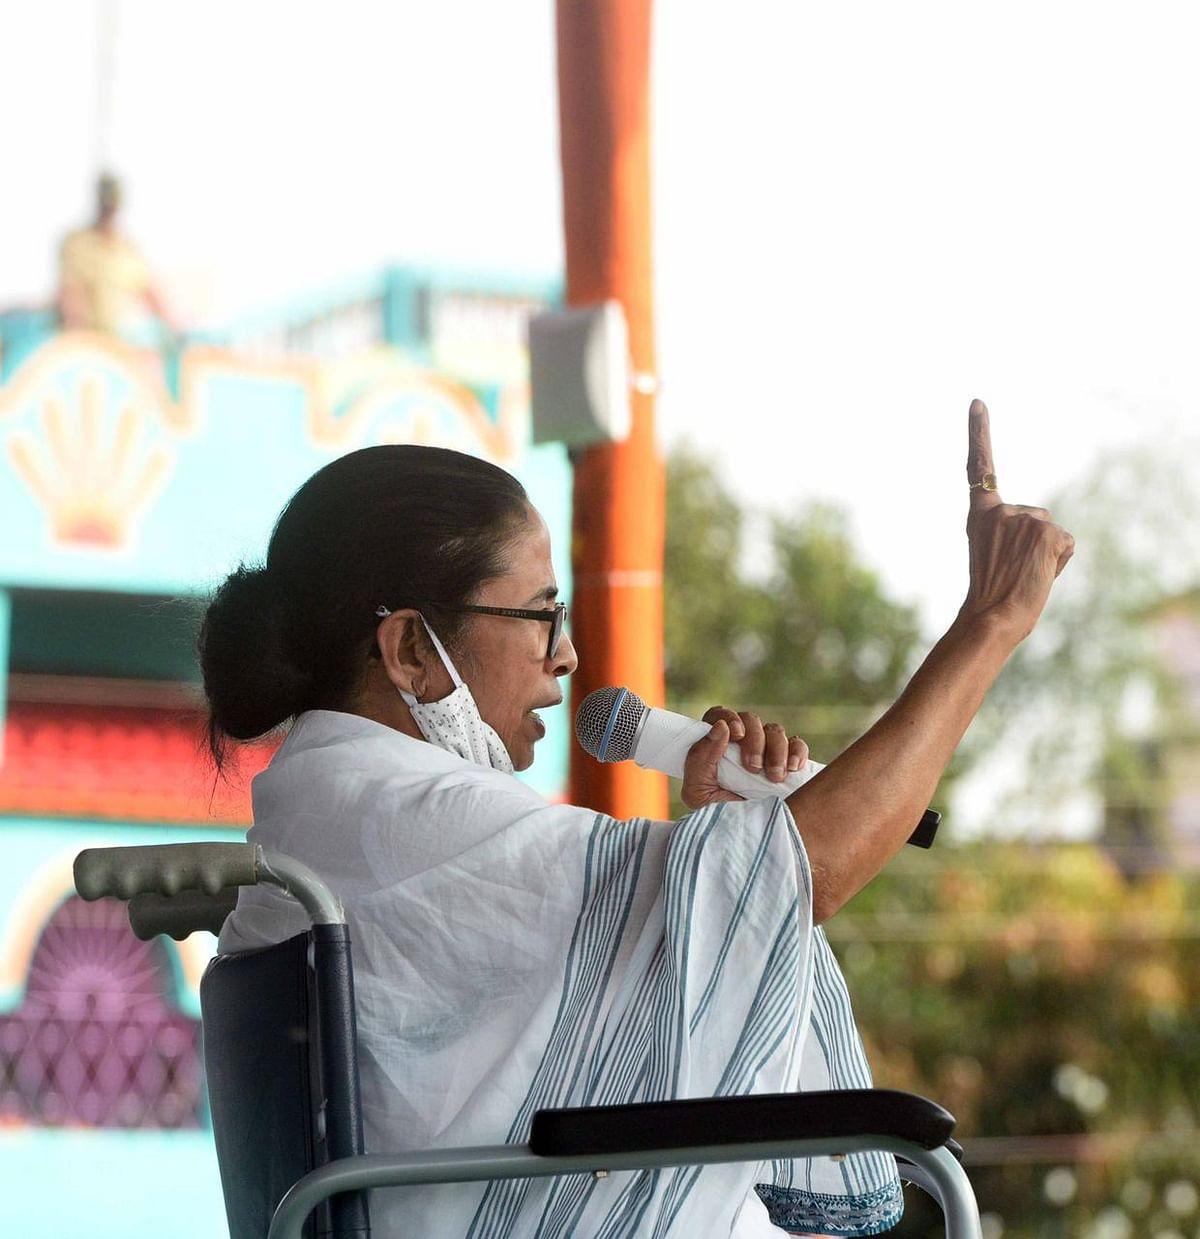 Bengal Election 2021: बांकुड़ा में TMC कैंडिडेट सायंतिका की तारीफ, ममता बनर्जी के लिए कितना होगा फायदेमंद ?